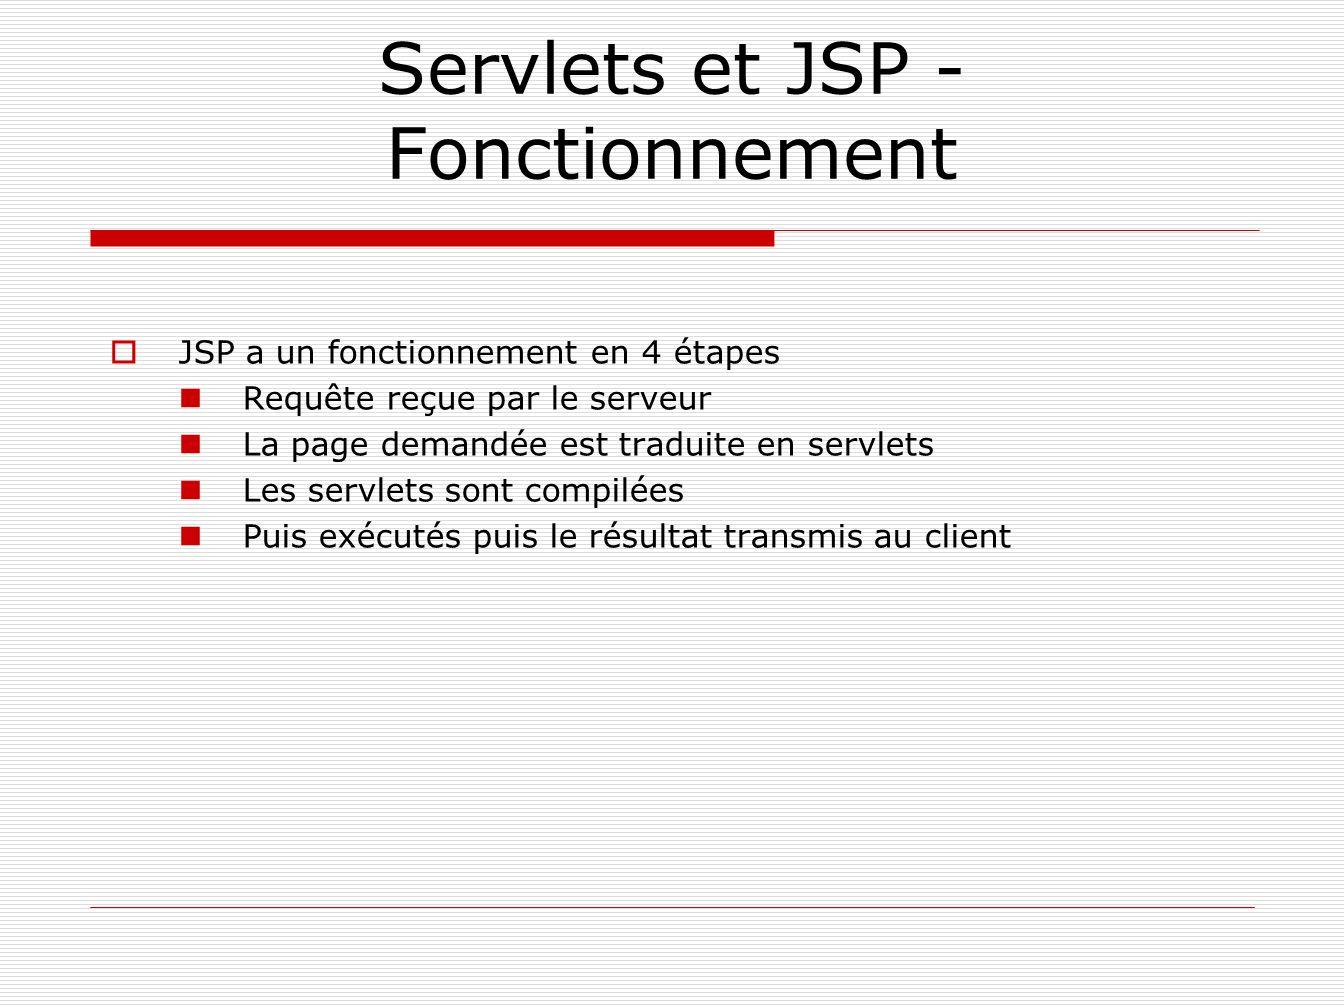 Servlets et JSP - Fonctionnement